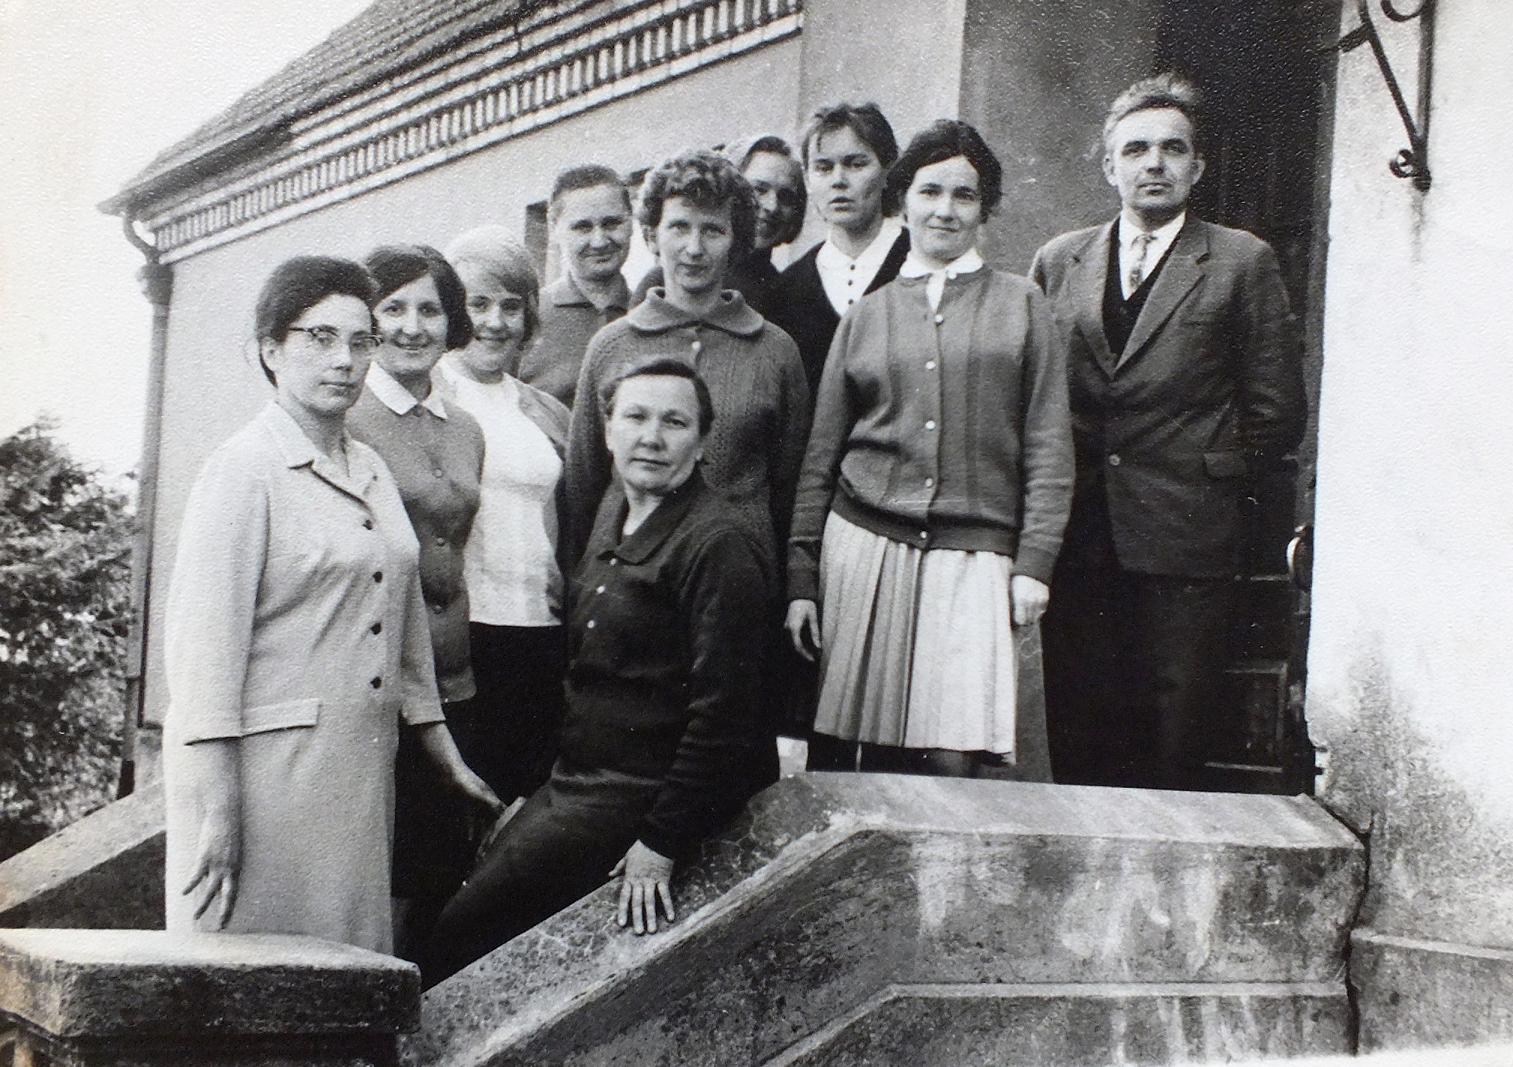 Kurnėnų mokytojai 1968 m. prie mokyklos. Antra iš dešinės – Aldona Miliuvienė.